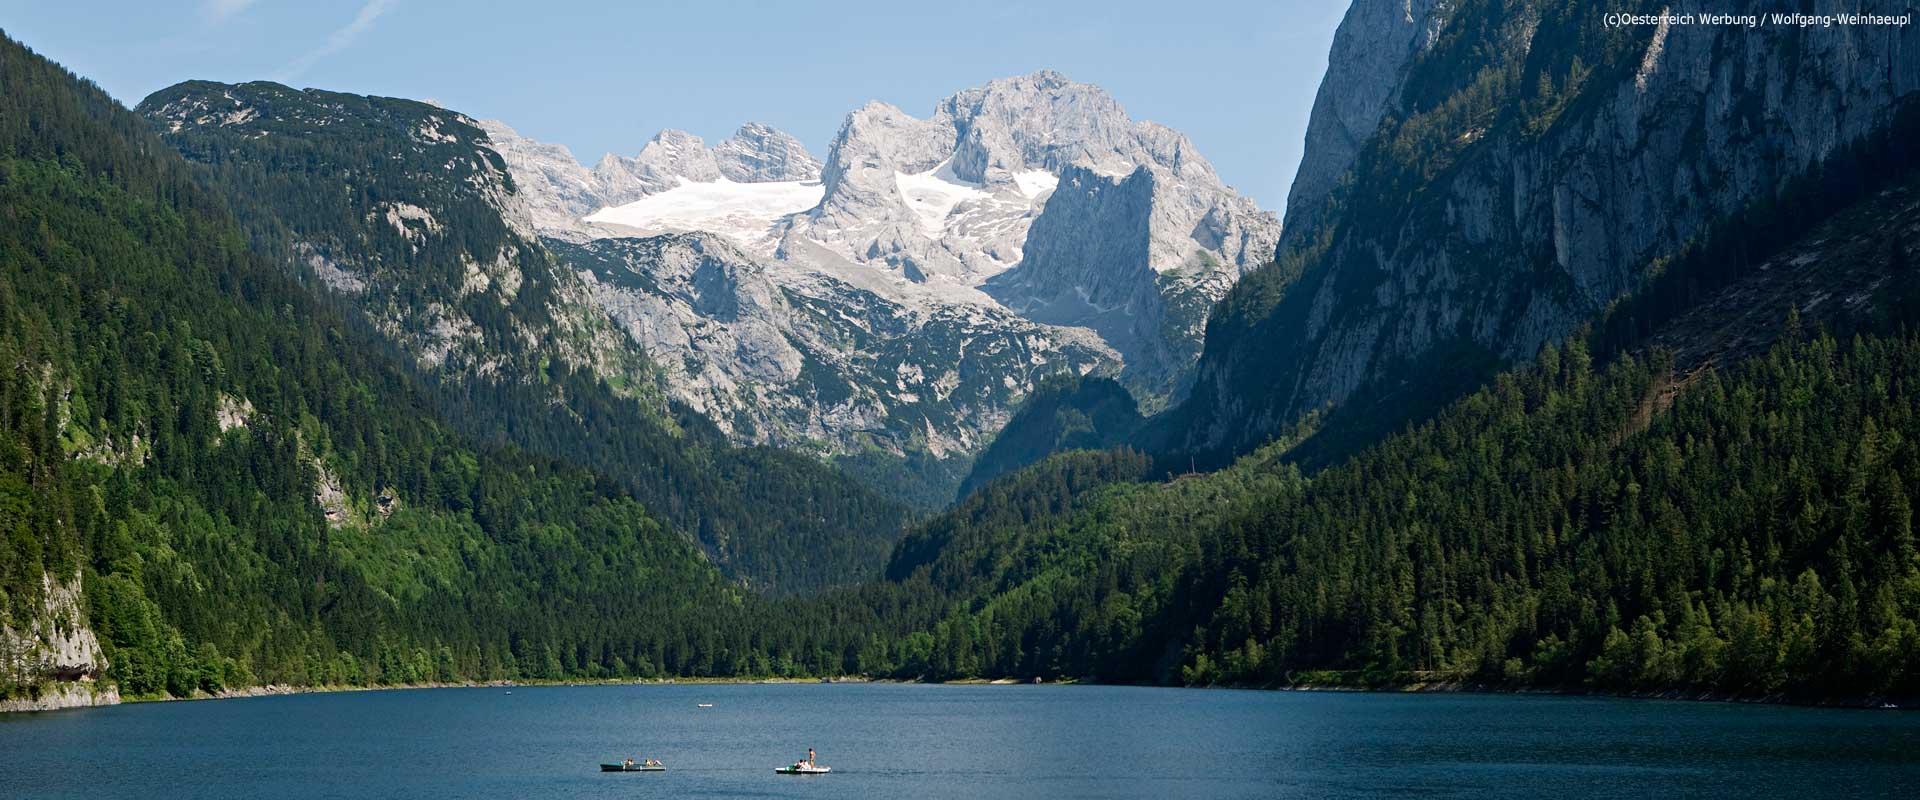 Alps: The Dachstein